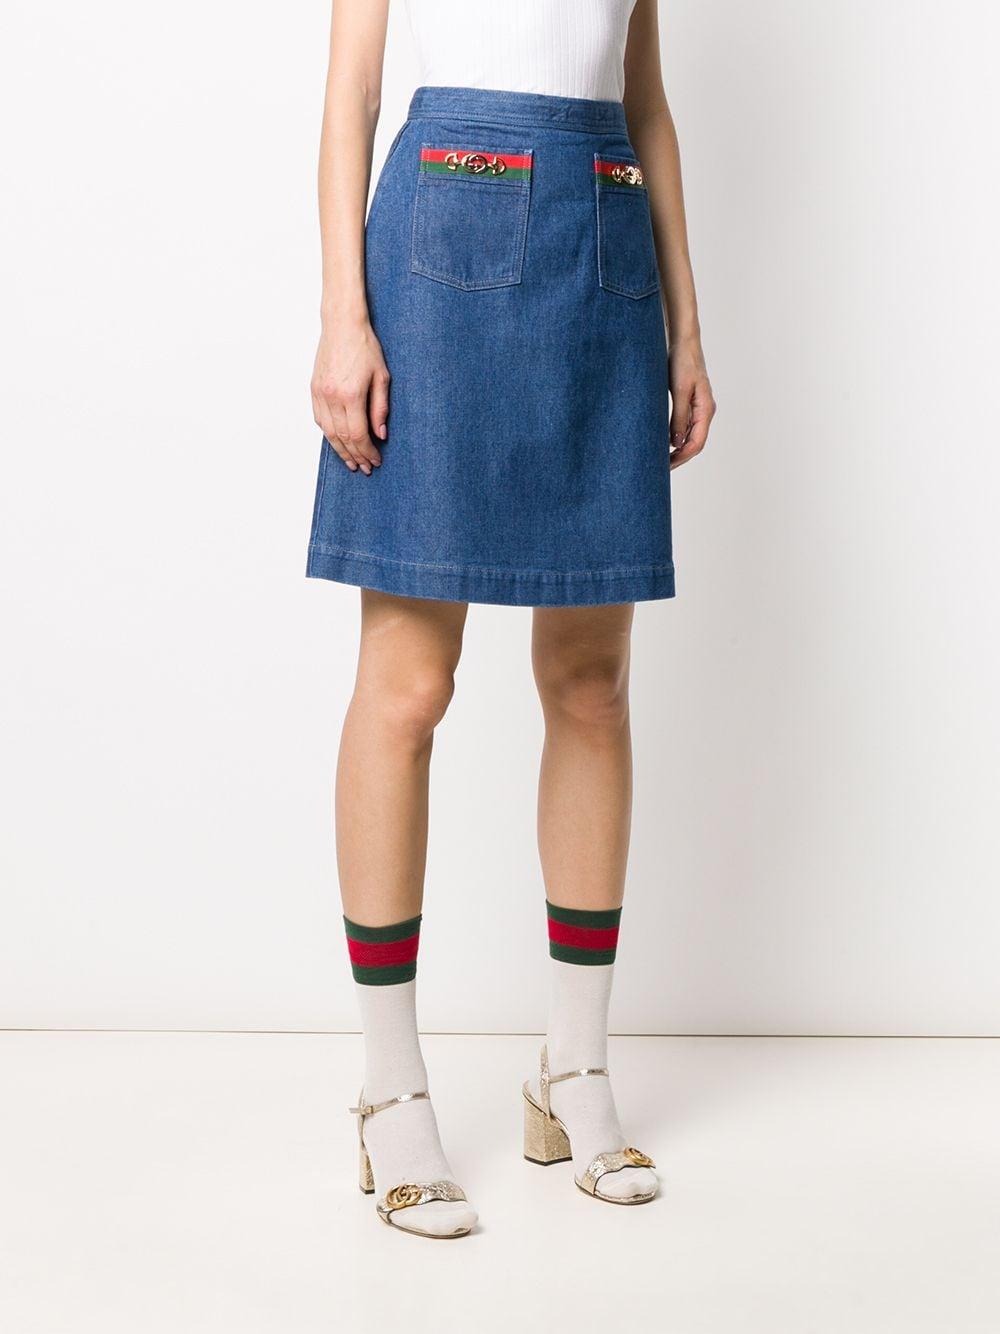 gonna di jeans media lunghezza con taschine e morsetto Gucci GUCCI | Gonne | 599373-XDA2Y4161